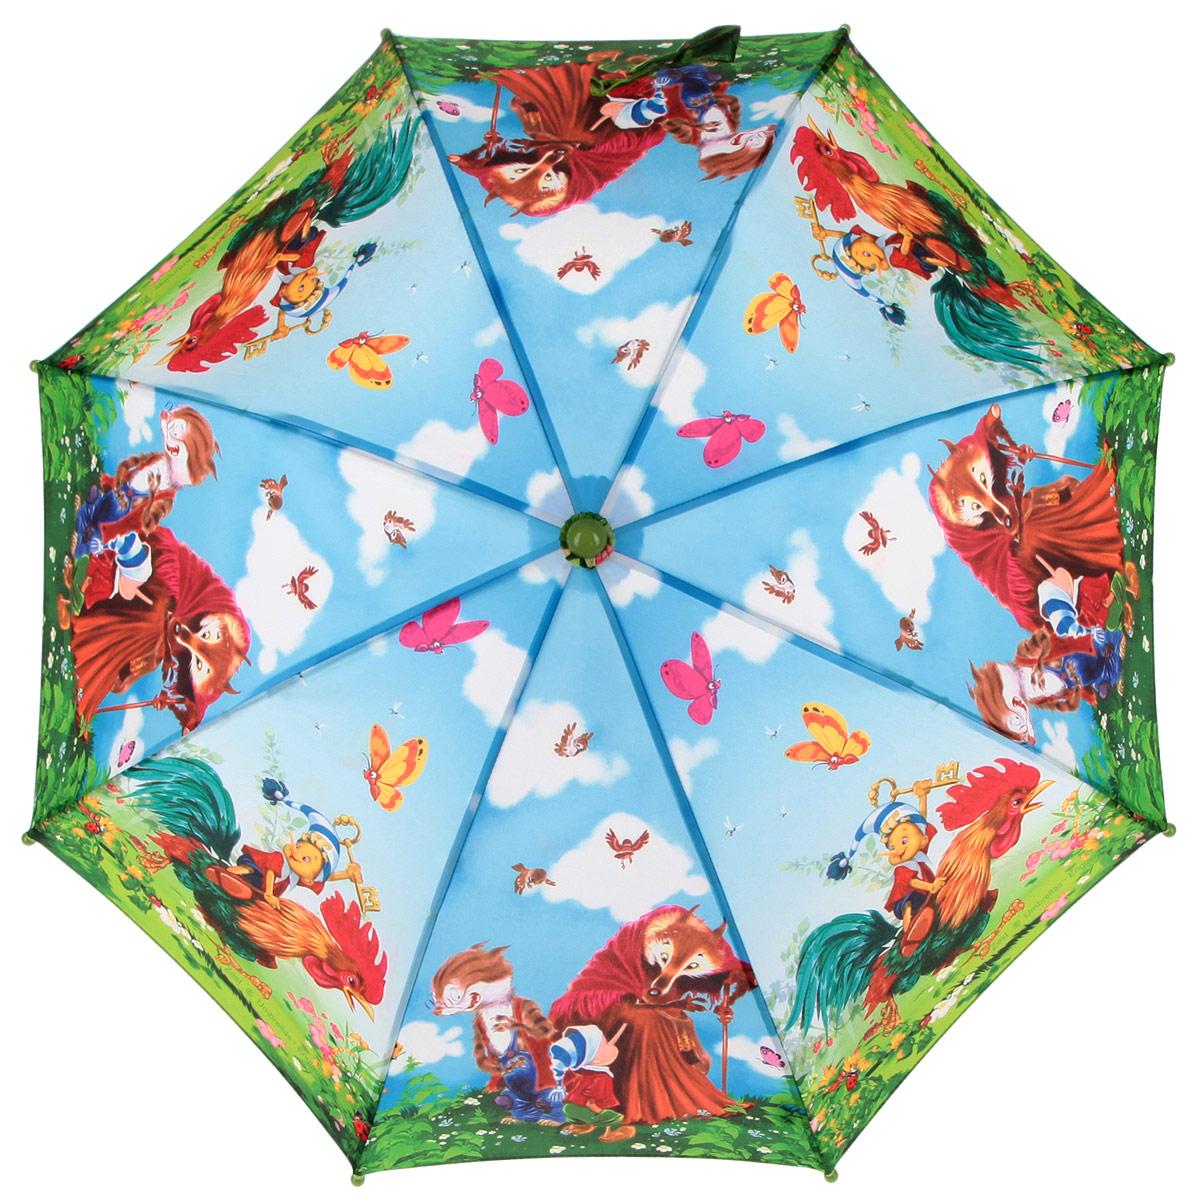 Зонт-трость детский Zest, цвет: голубой, зеленый, мультицвет. 21665-0121665-01Красочный детский зонт-трость ZEST выполнен из металла и пластика, оформлен принтом с изображениями героев известнейших сказок. Каркас зонта выполнен из восьми спиц, стержень из стали. На концах спиц предусмотрены пластиковые элементы, которые защитят малыша от травм. Купол зонта изготовлен прочного полиэстера. Закрытый купол застегивается на липучку хлястиком. Практичная глянцевая рукоятка закругленной формы разработана с учетом требований эргономики и выполнена из пластика. Зонт имеет полуавтоматический механизм сложения: купол открывается нажатием кнопки на рукоятке, а закрывается вручную до характерного щелчка. Такой зонт не только надежно защитит малыша от дождя, но и станет стильным аксессуаром.